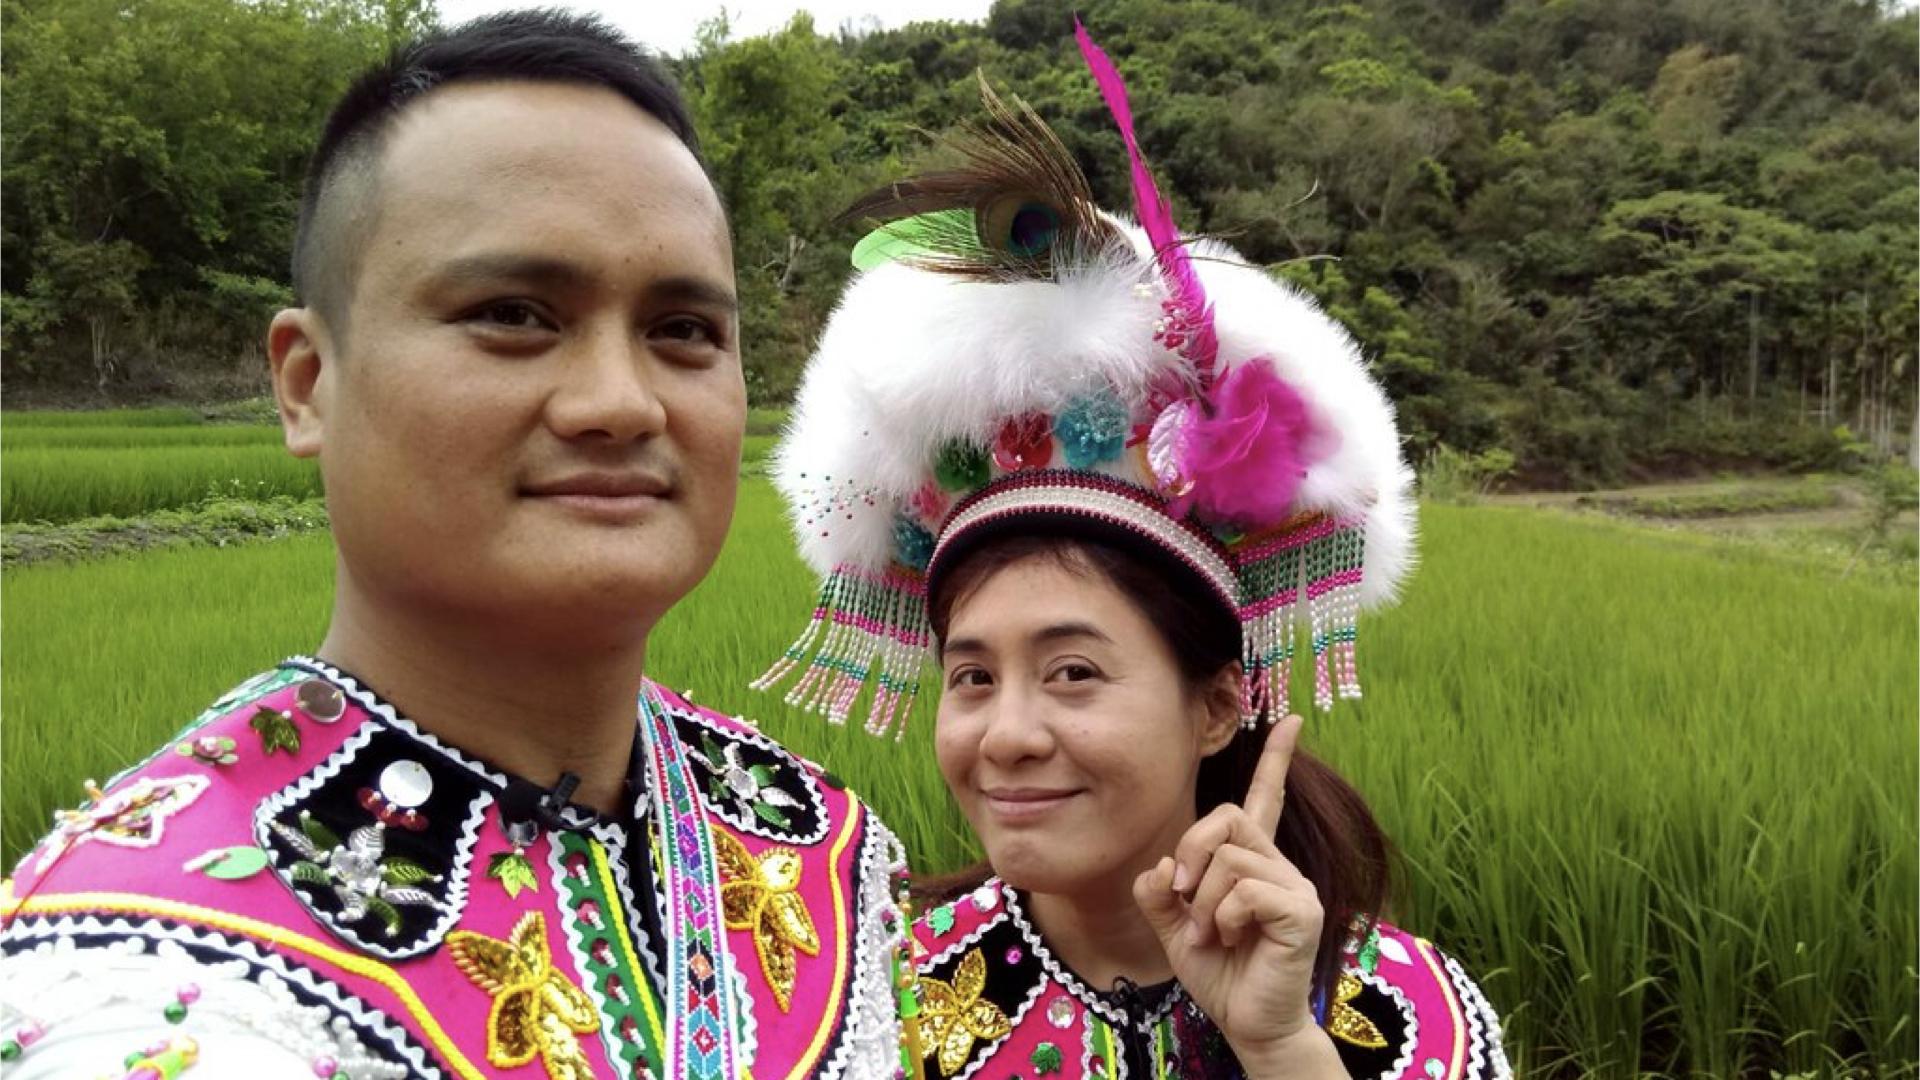 一對原住民原住民夫妻,身穿原住民傳統服飾與帽子,開心的與大自然合照